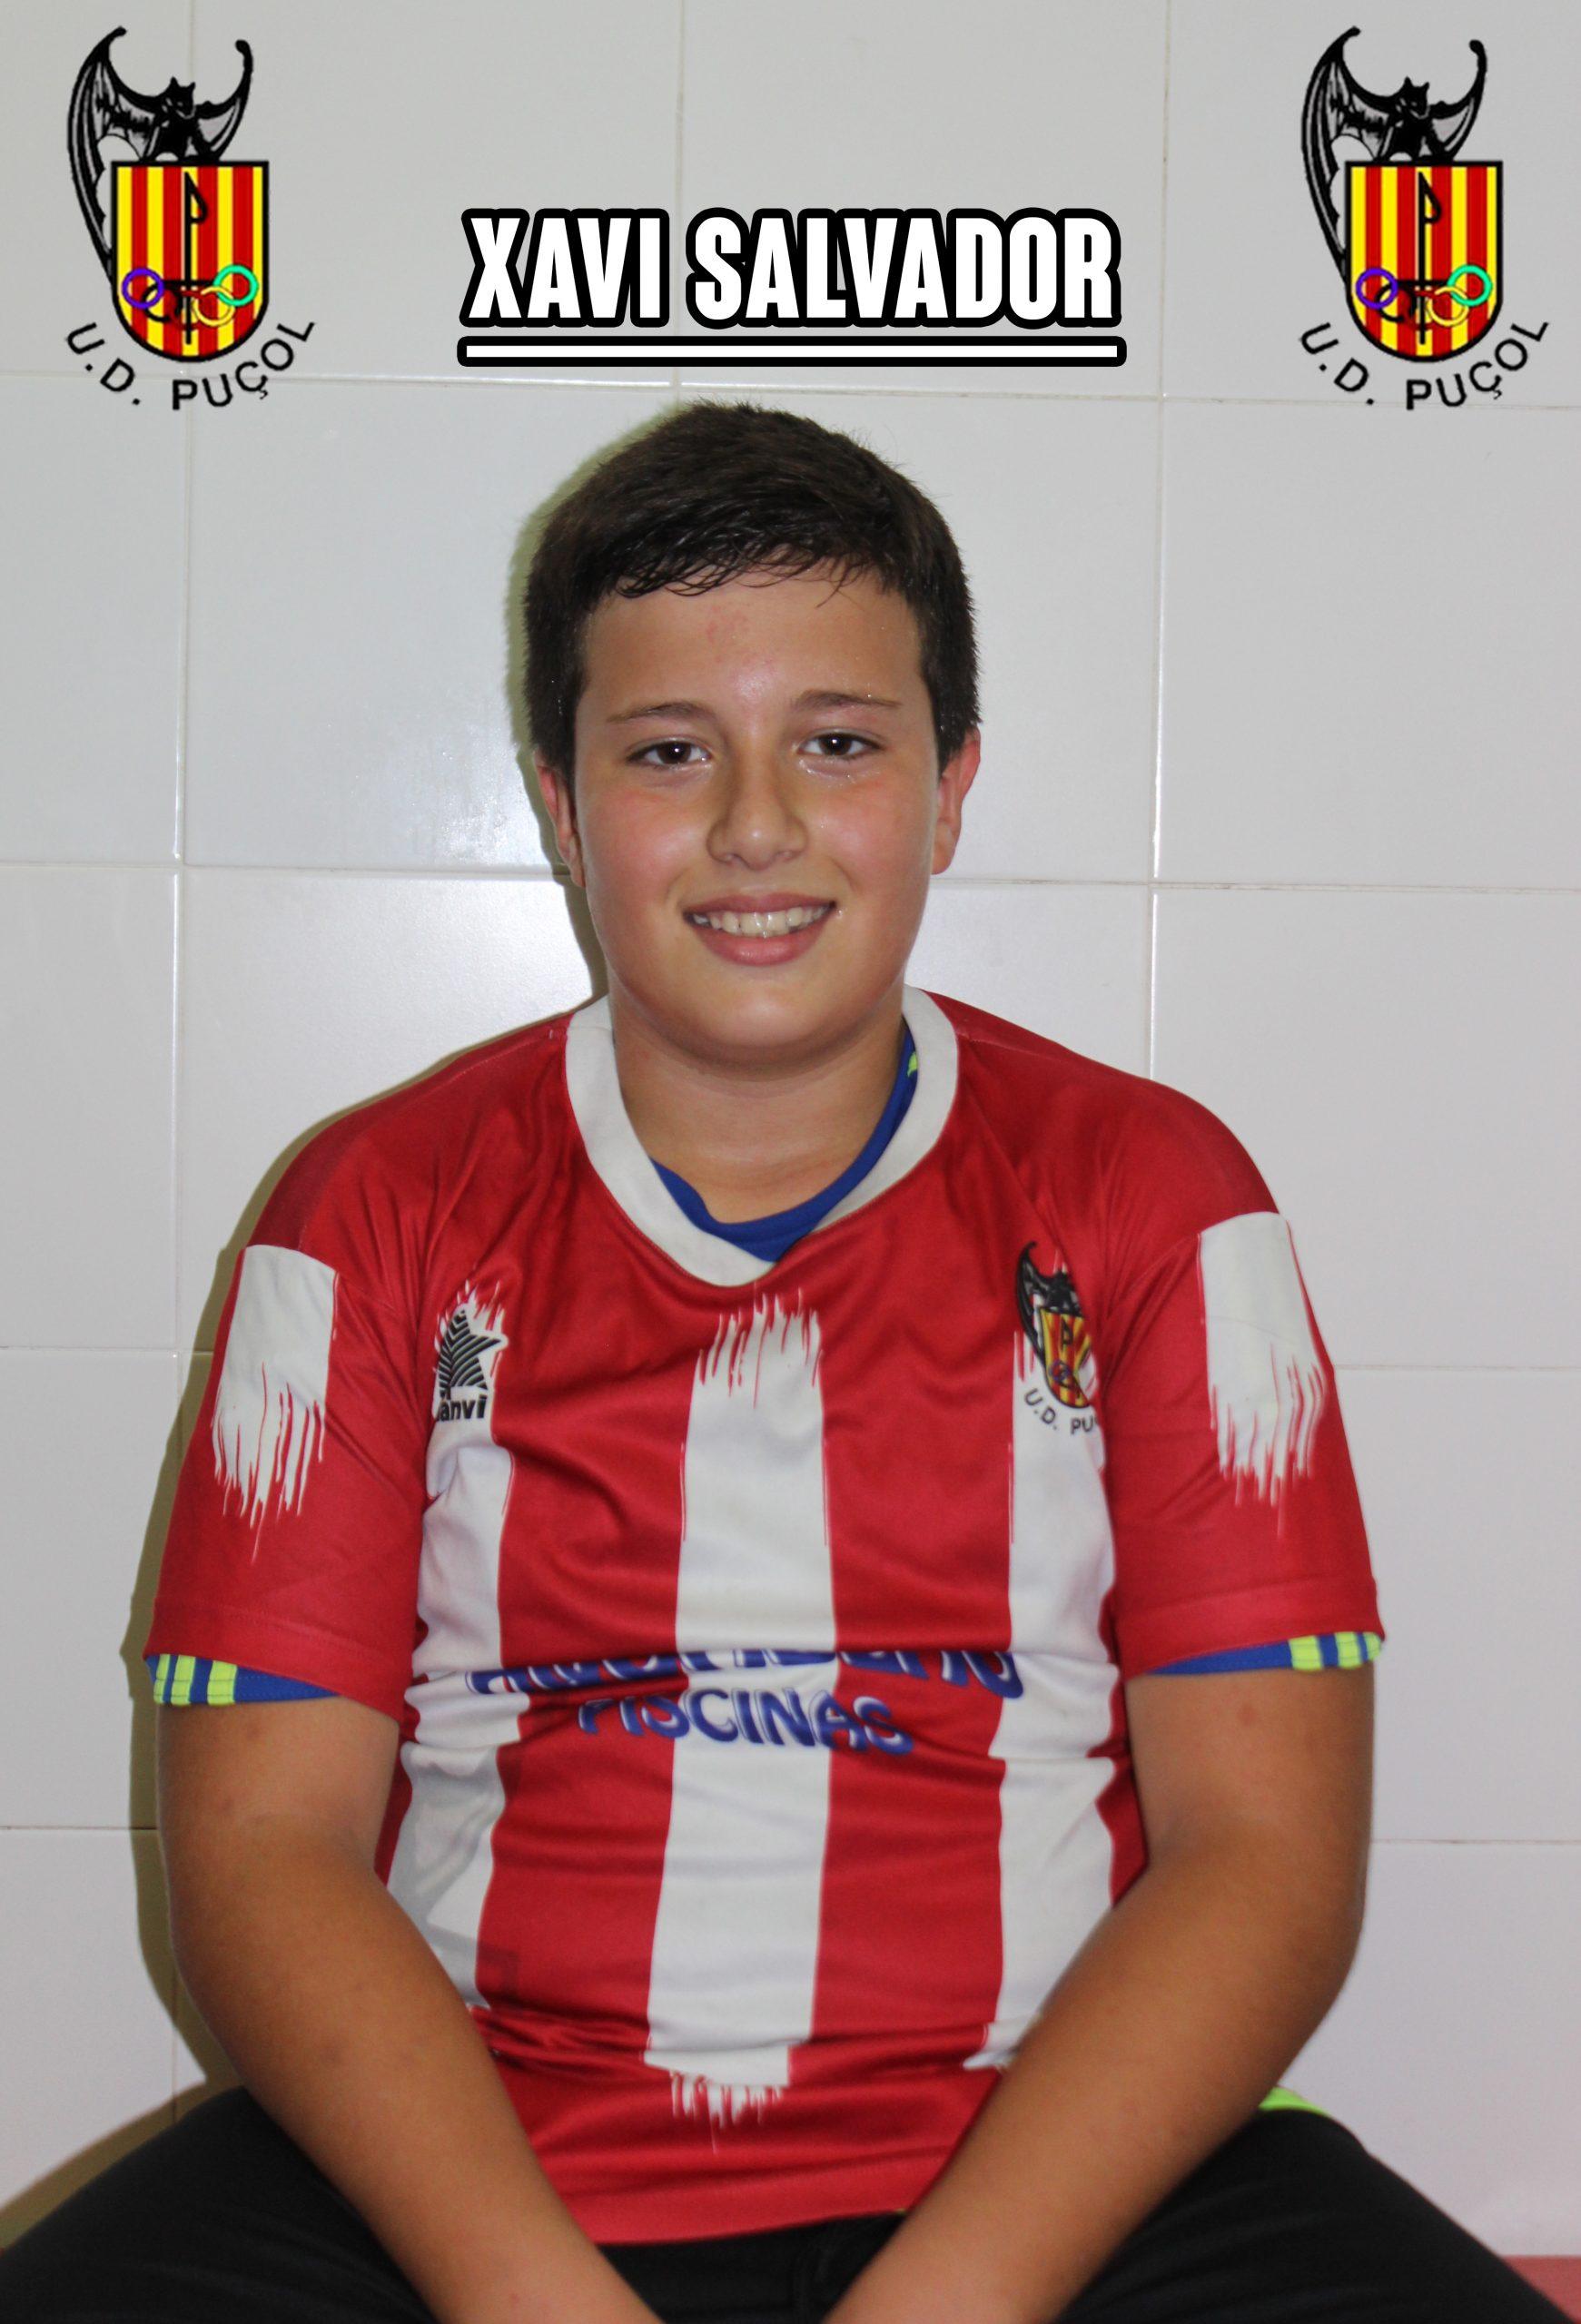 Xavi Salvador